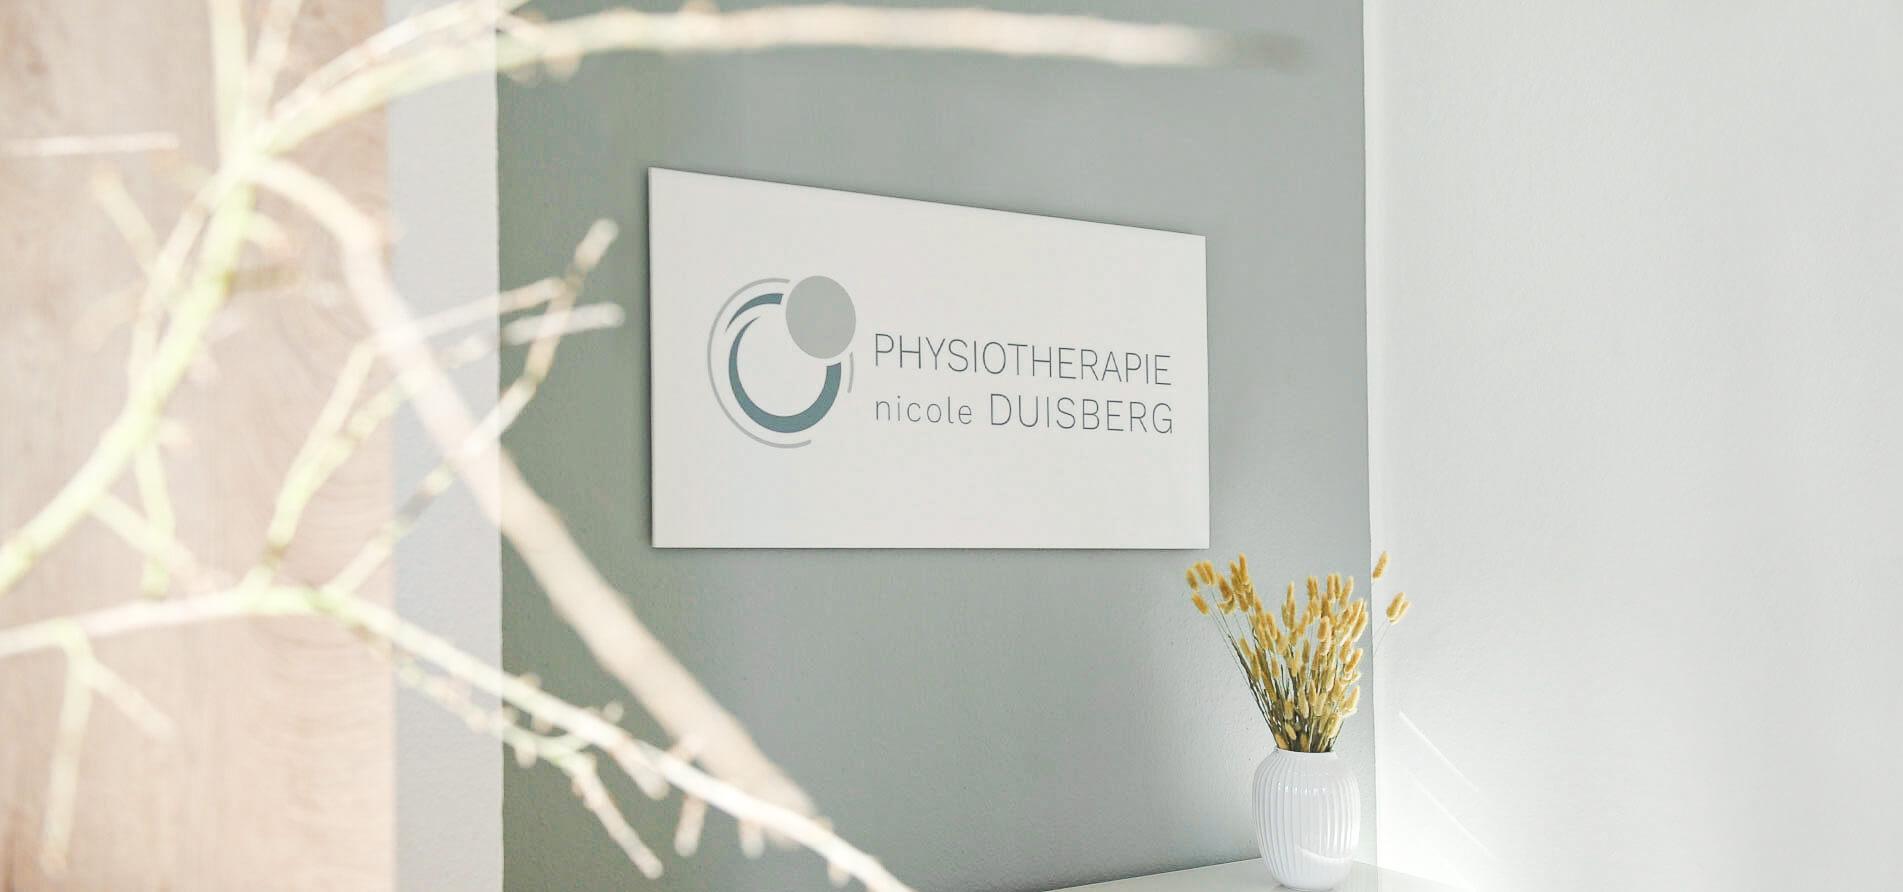 Physiotherapie Mülheim an der Ruhr - Nicole Duisberg